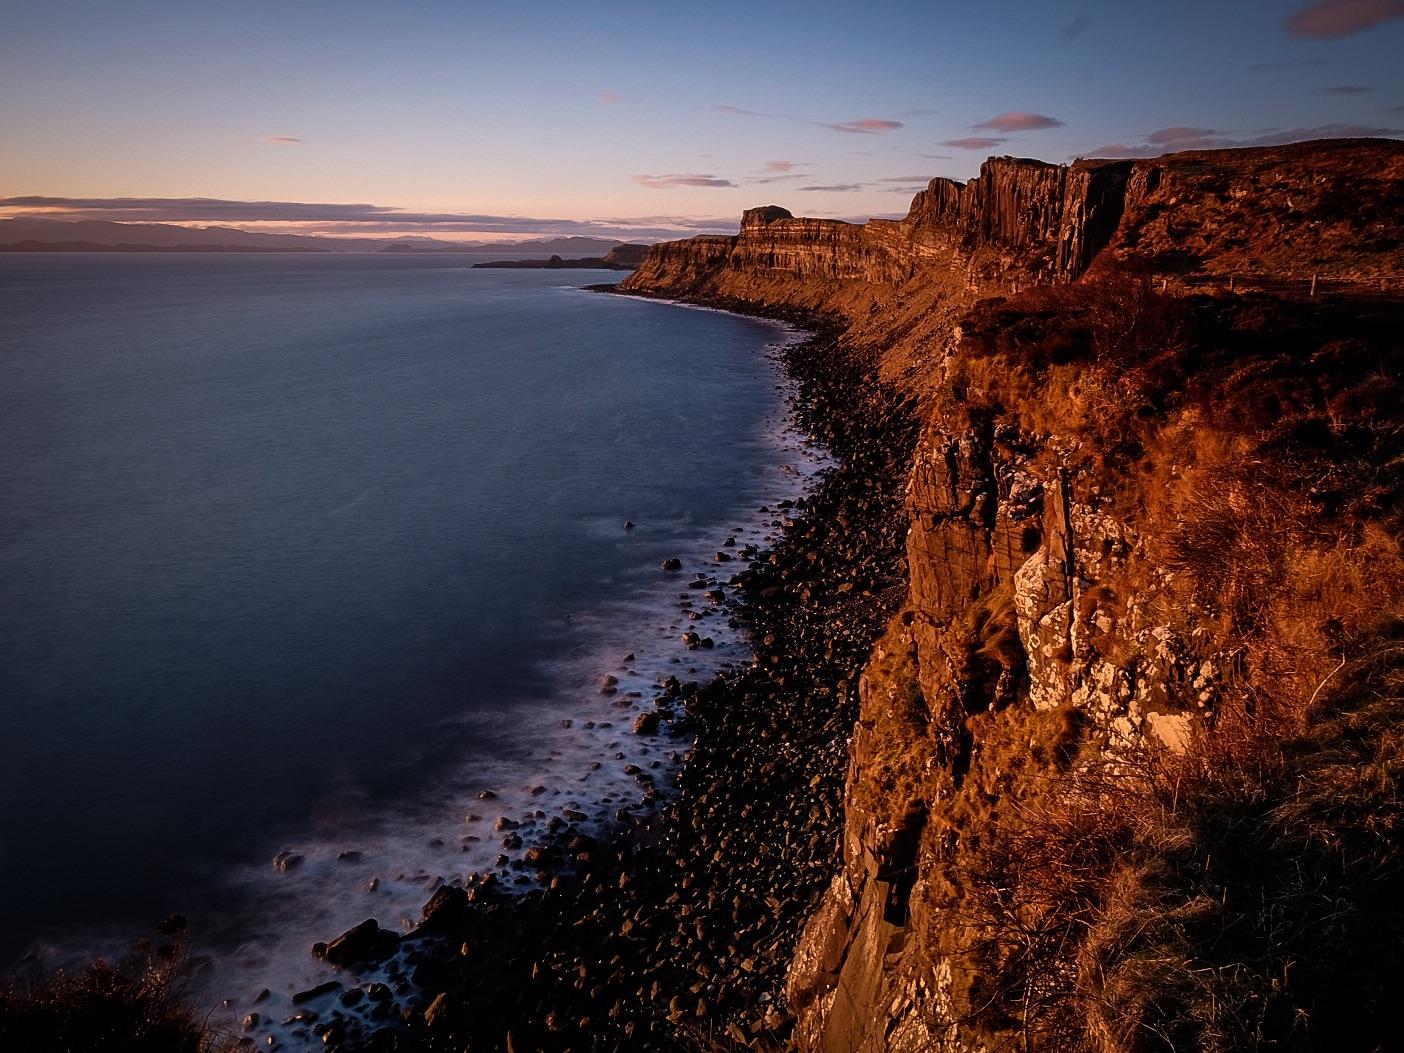 Sunrise. Skye, Scotland - UK...